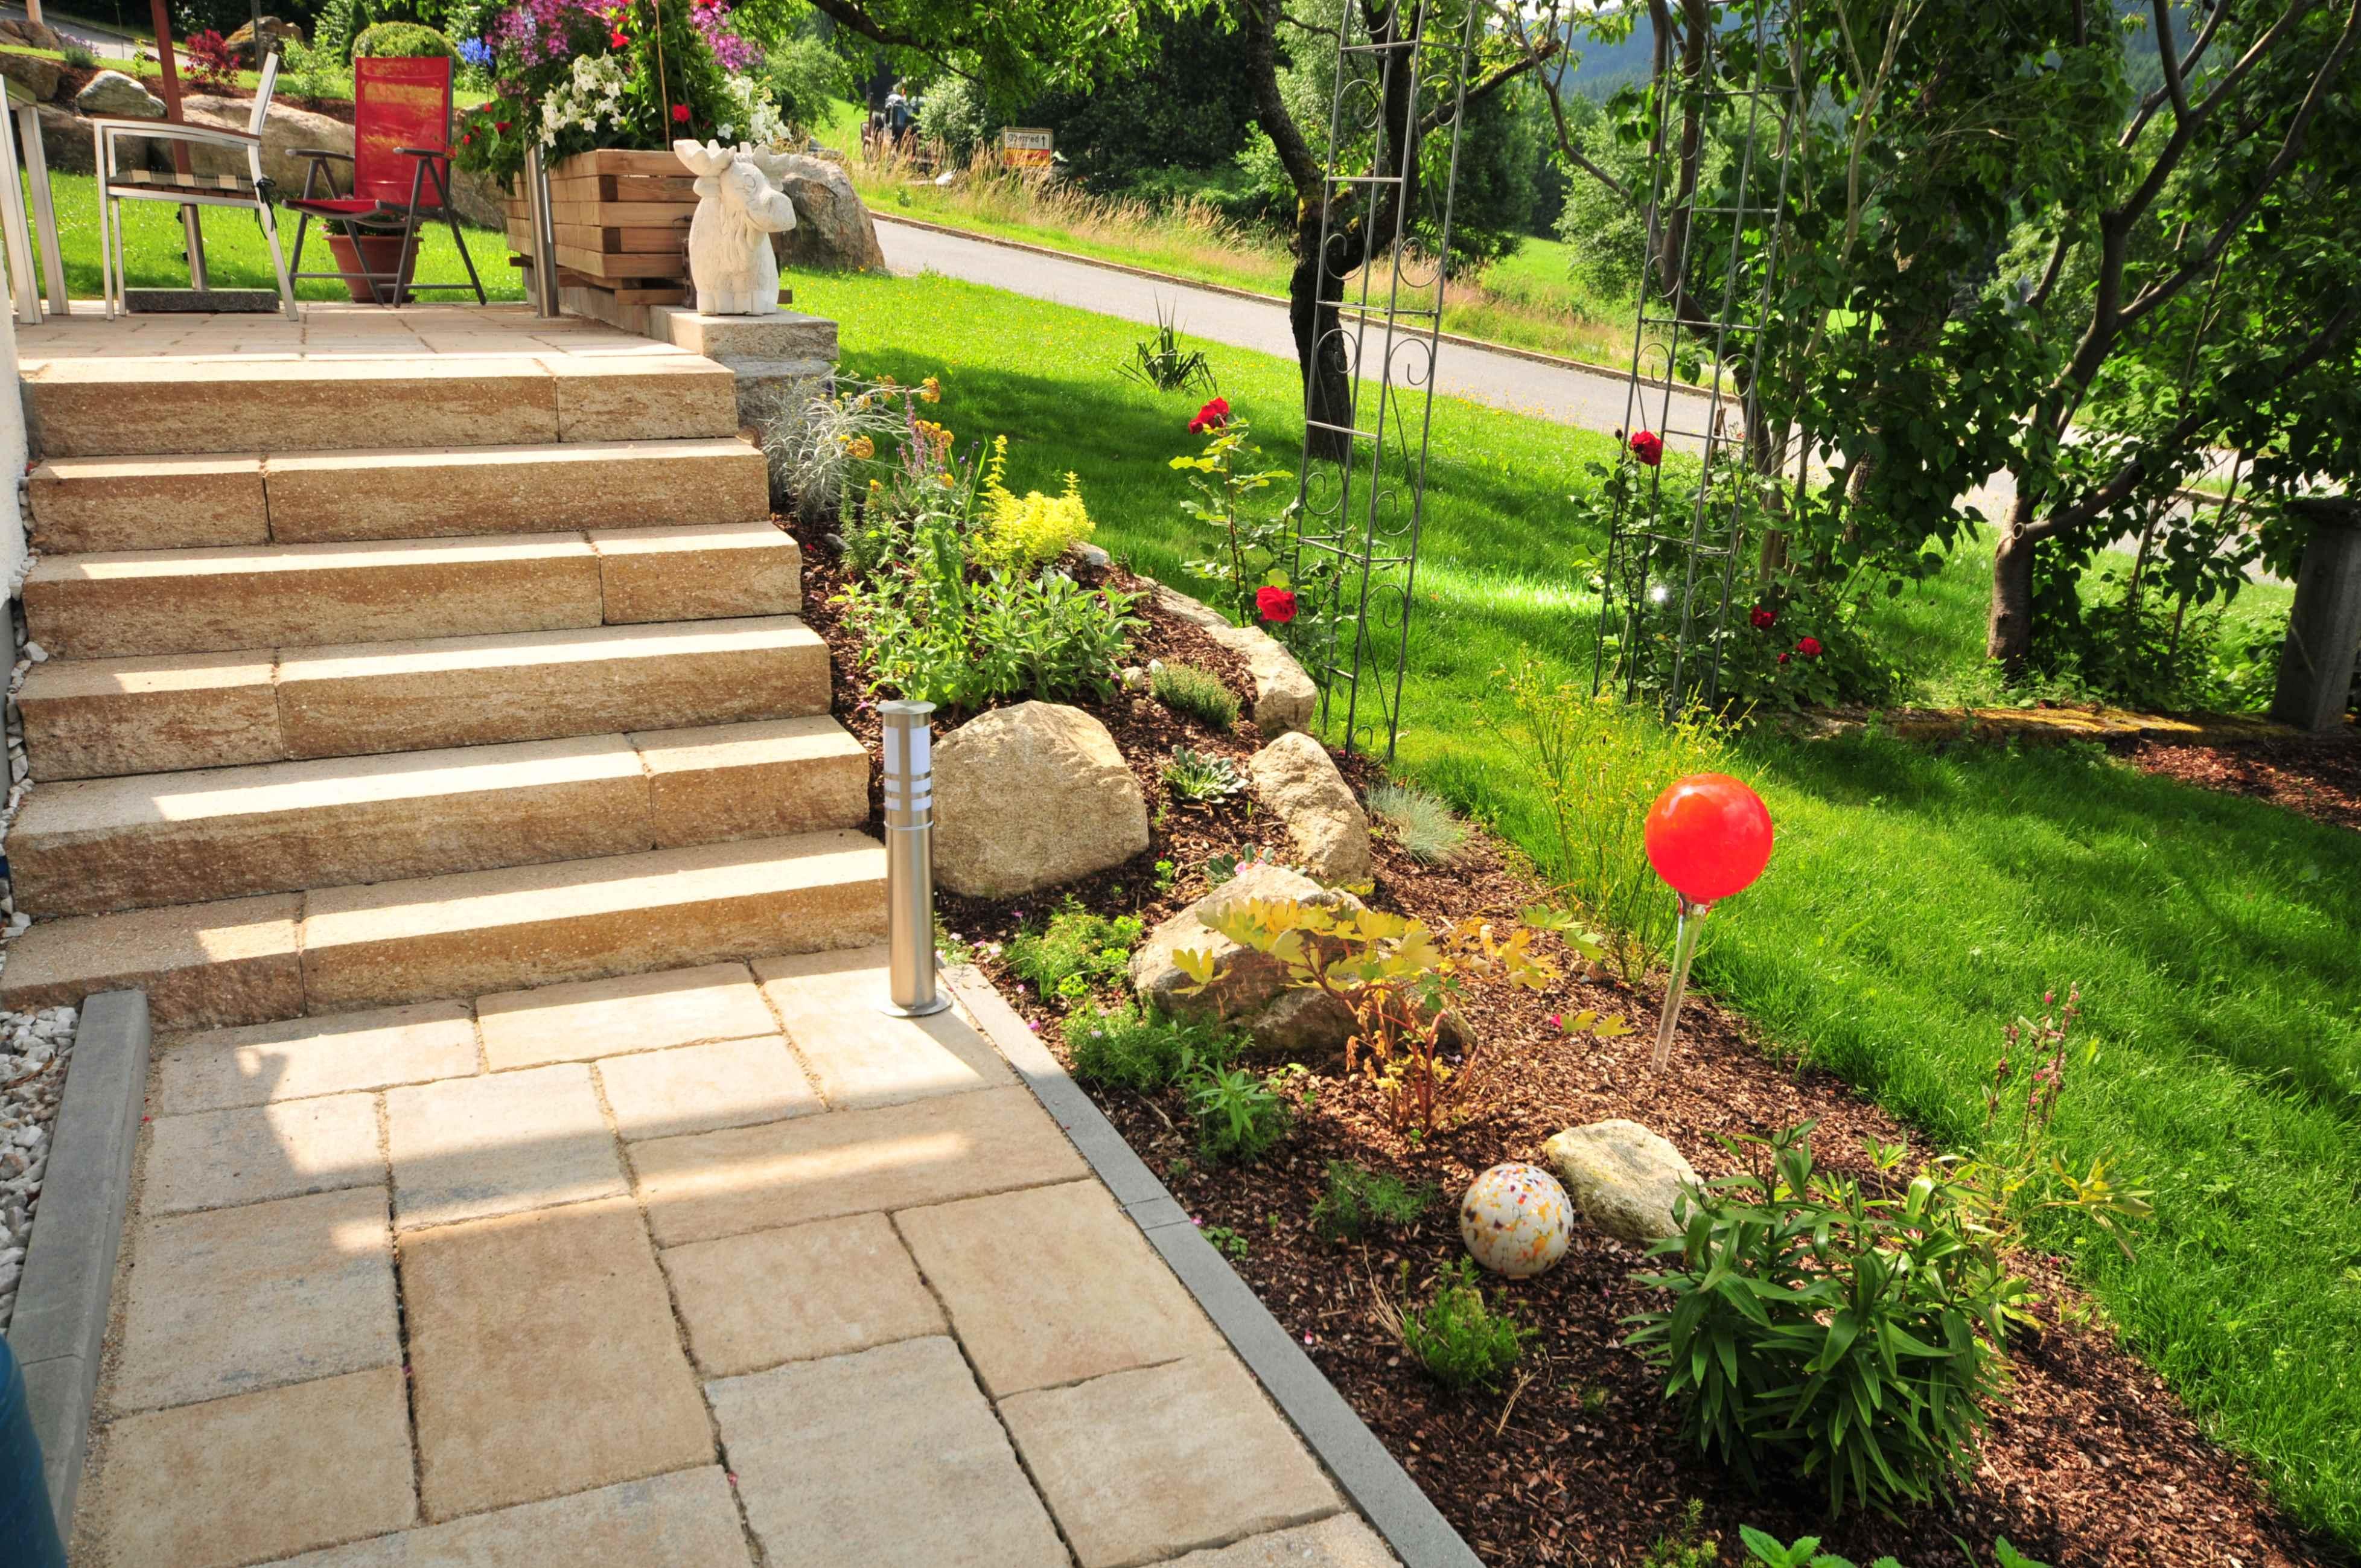 strohmeier garten- und landschaftsbau; reifenhandel und montage in, Garten Ideen